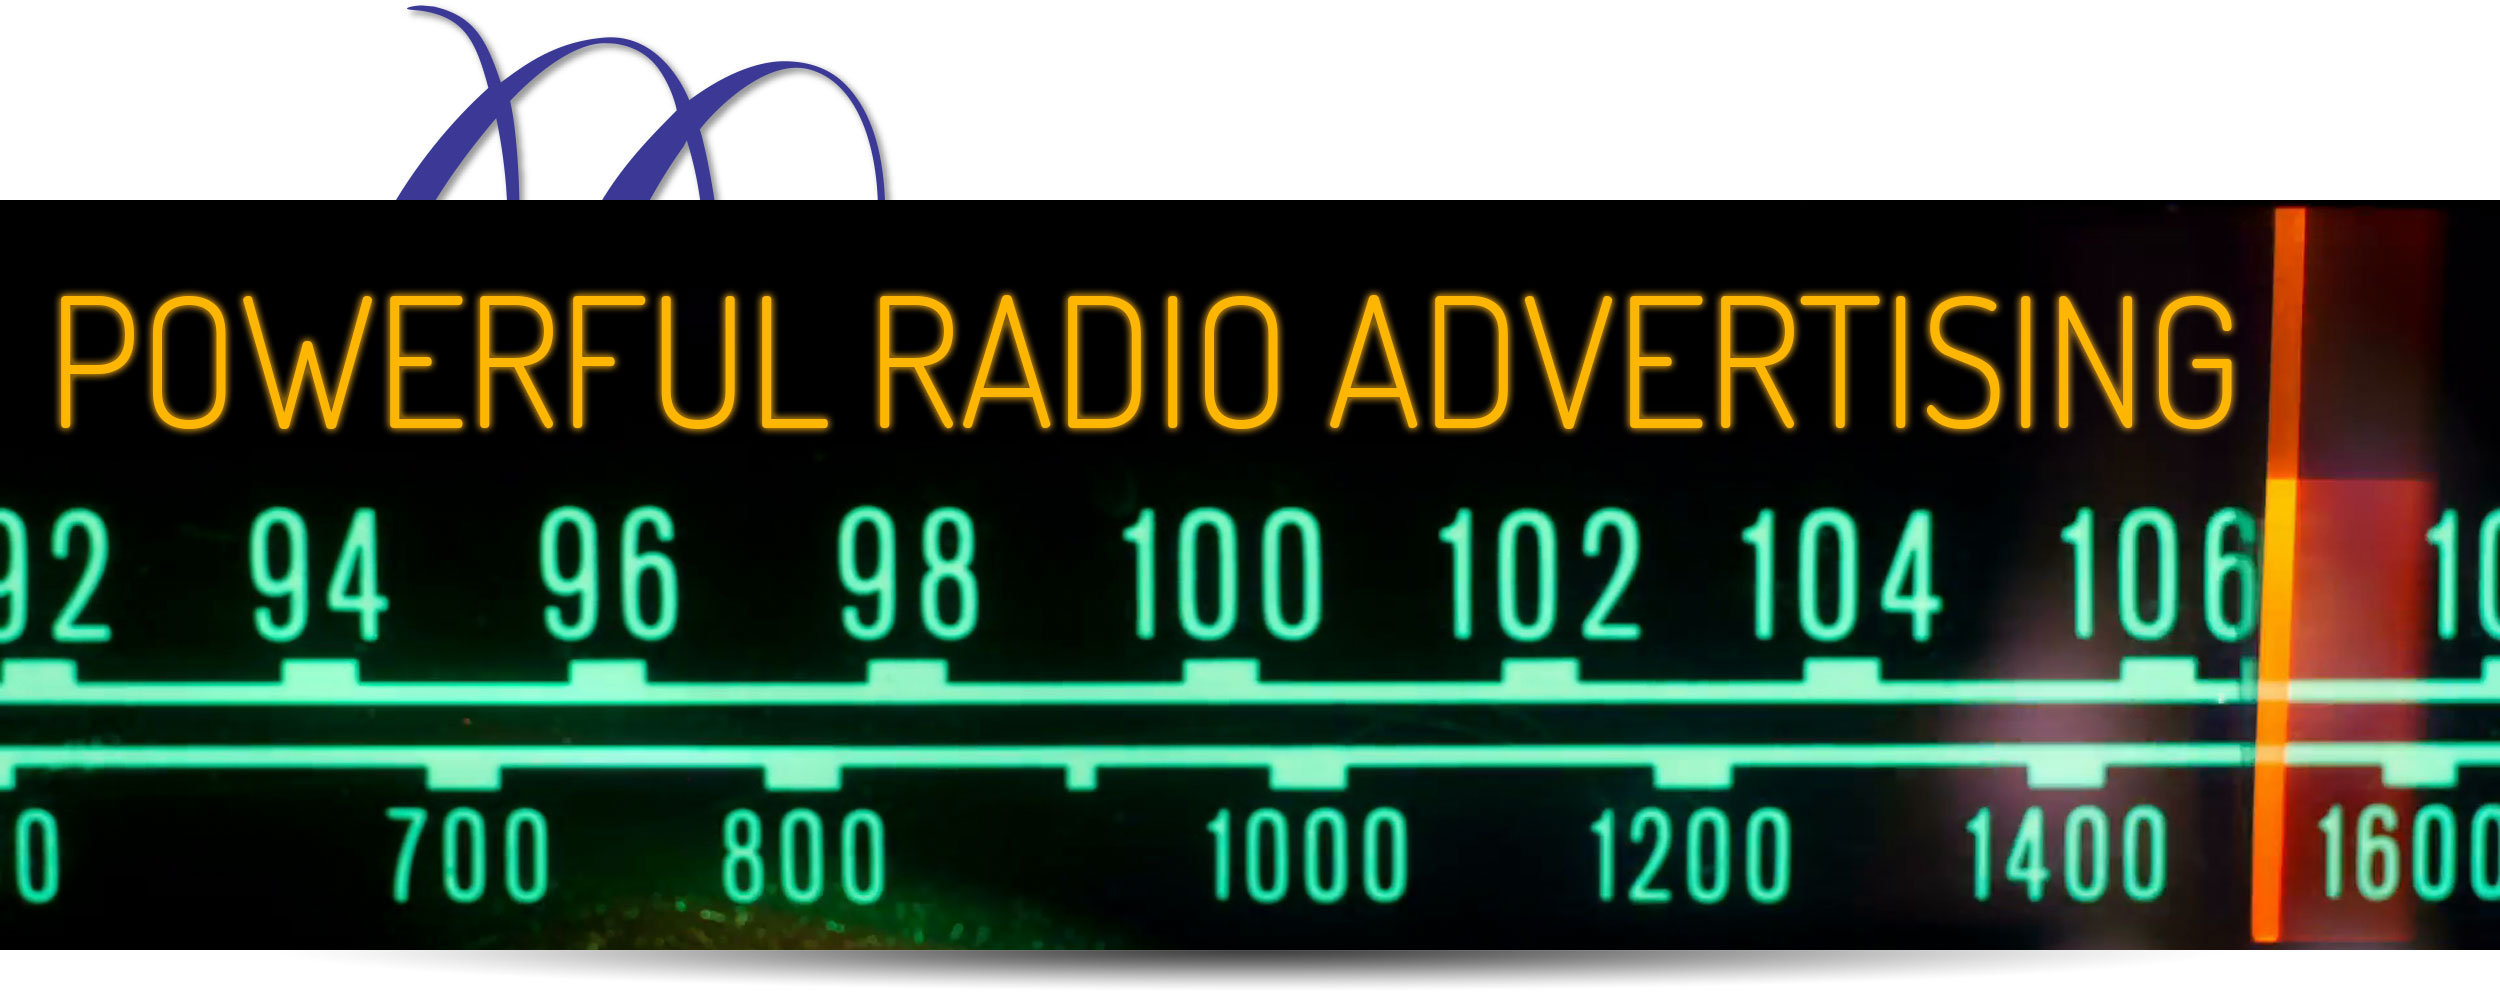 Powerful Radio Advertising